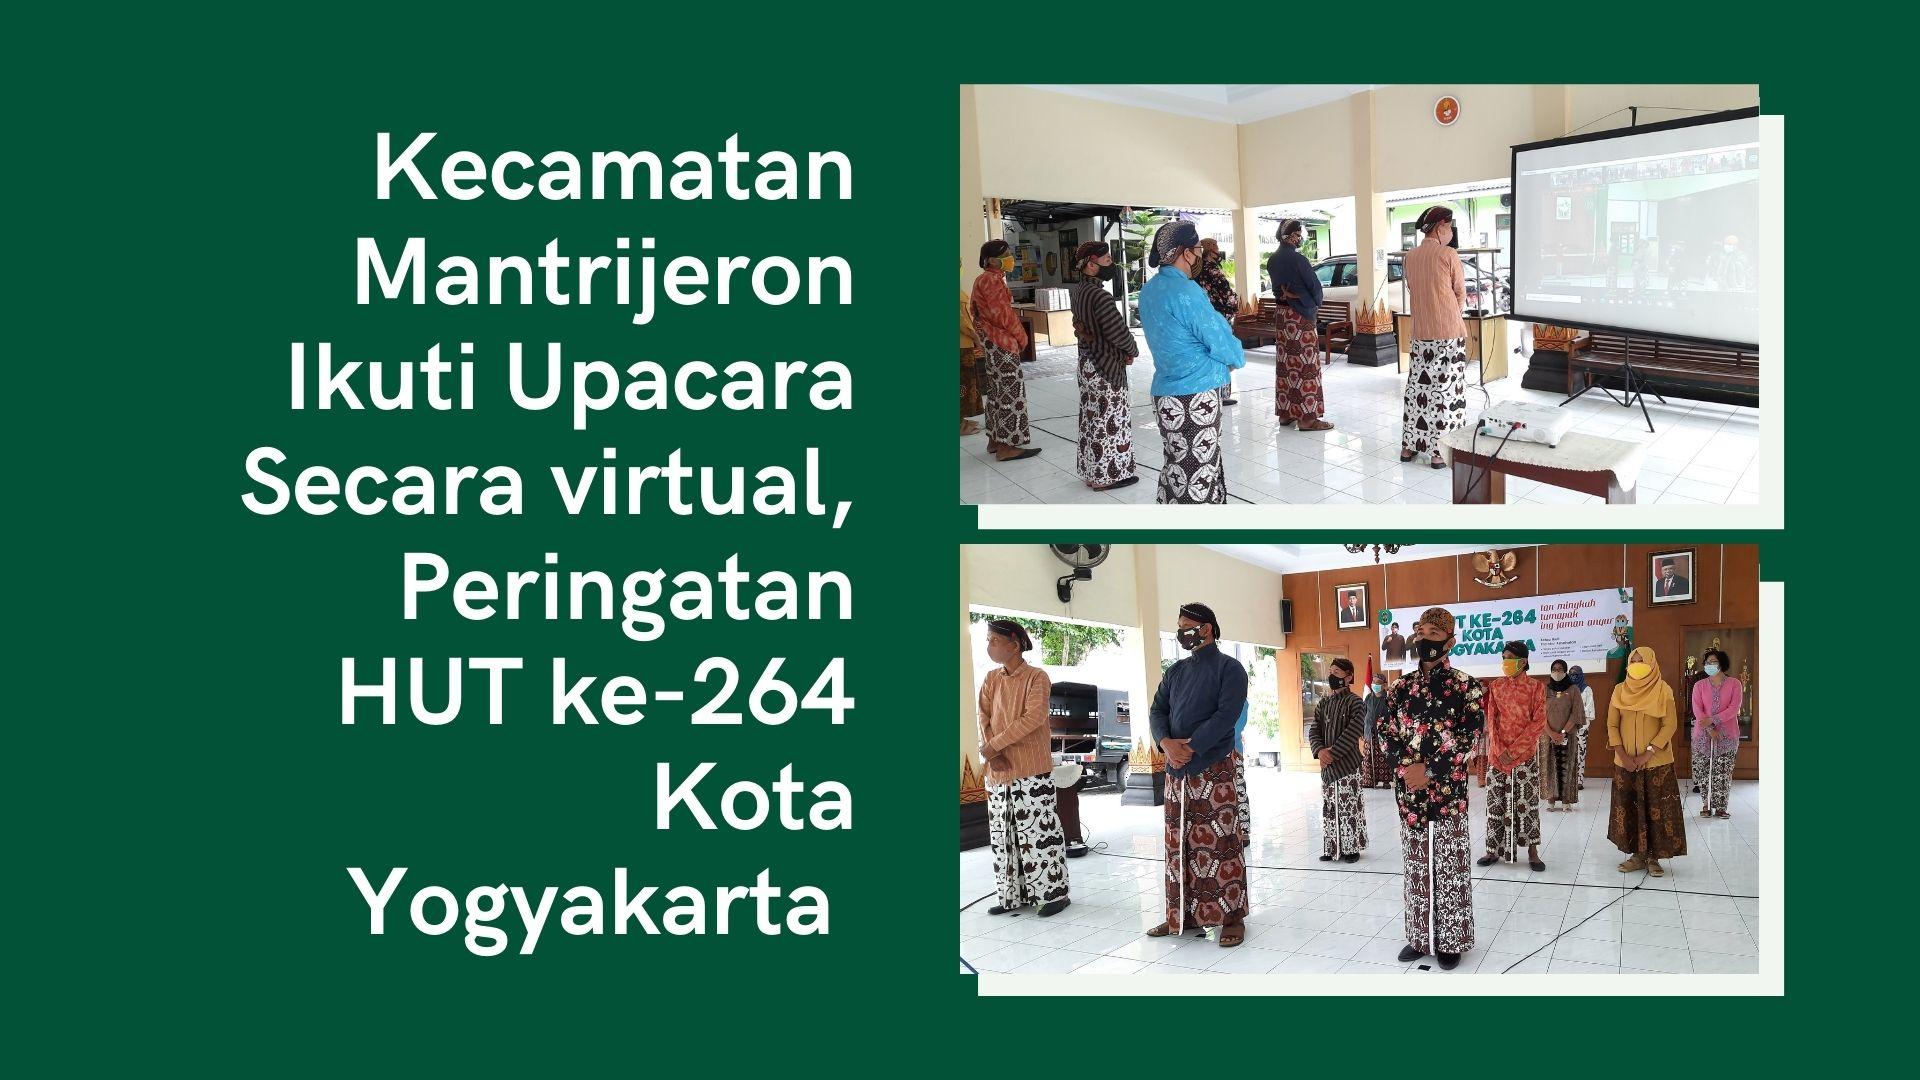 Kecamatan Mantrijeron Ikuti Upacara Secara virtual, Peringatan HUT ke-264 Kota Yogyakarta